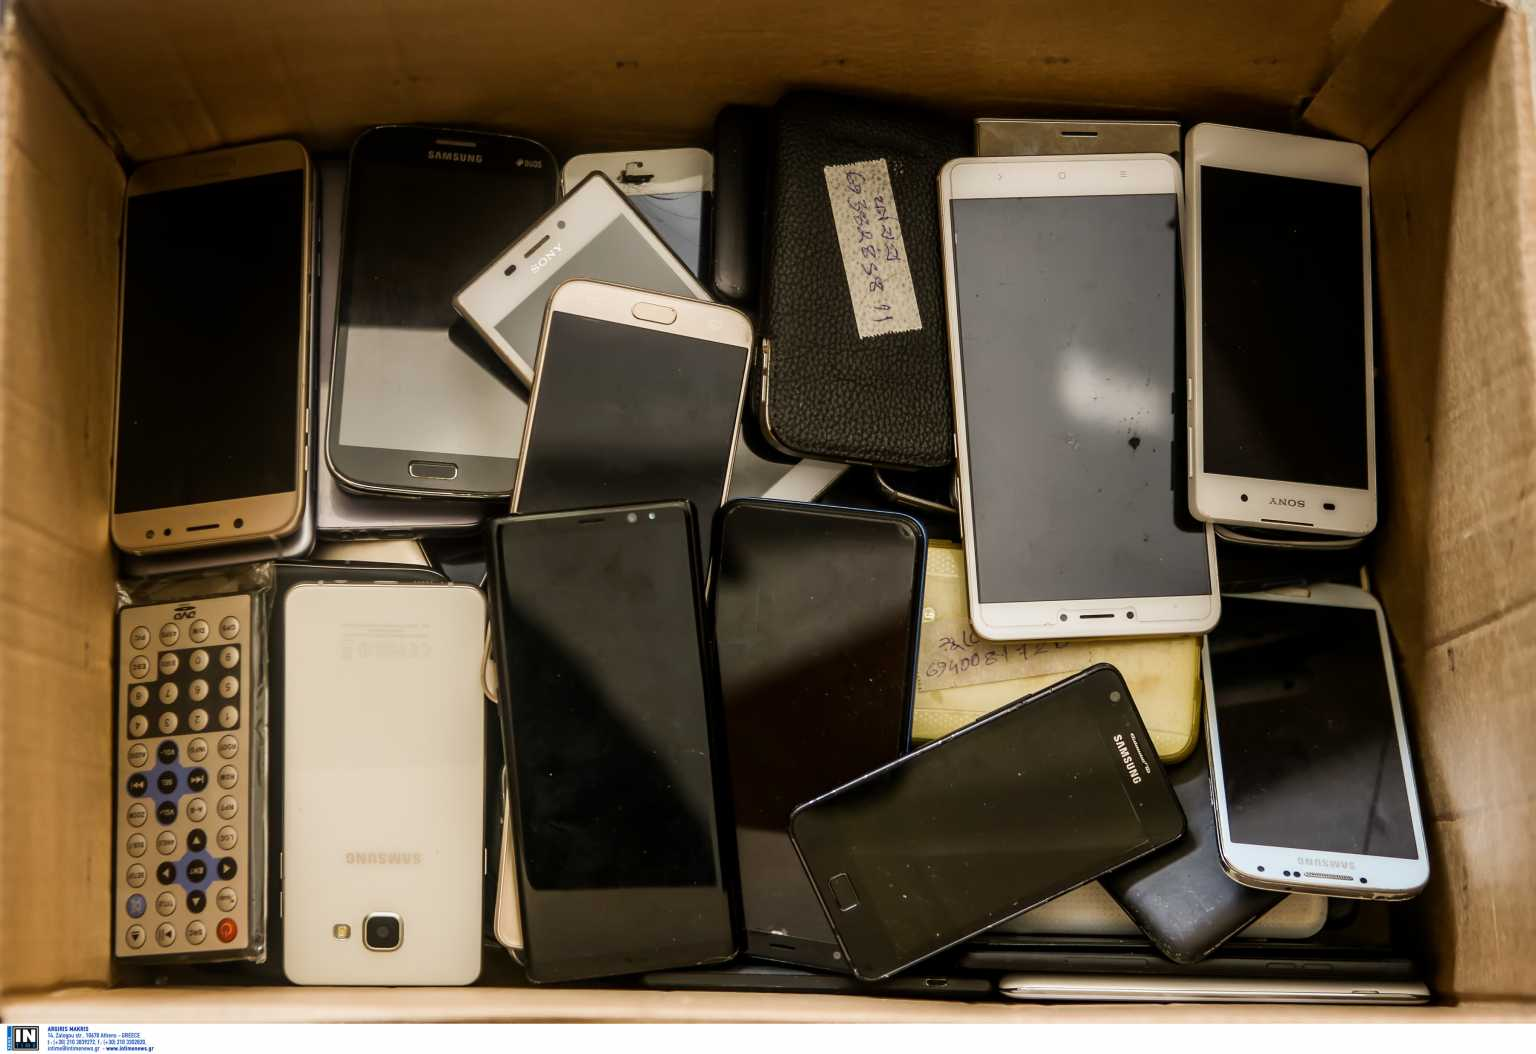 Πιο βαριά και από το Σινικό Τείχος – 57,4 εκατ. τόνοι τα ηλεκτρονικά και ηλεκτρικά απόβλητα το 2021